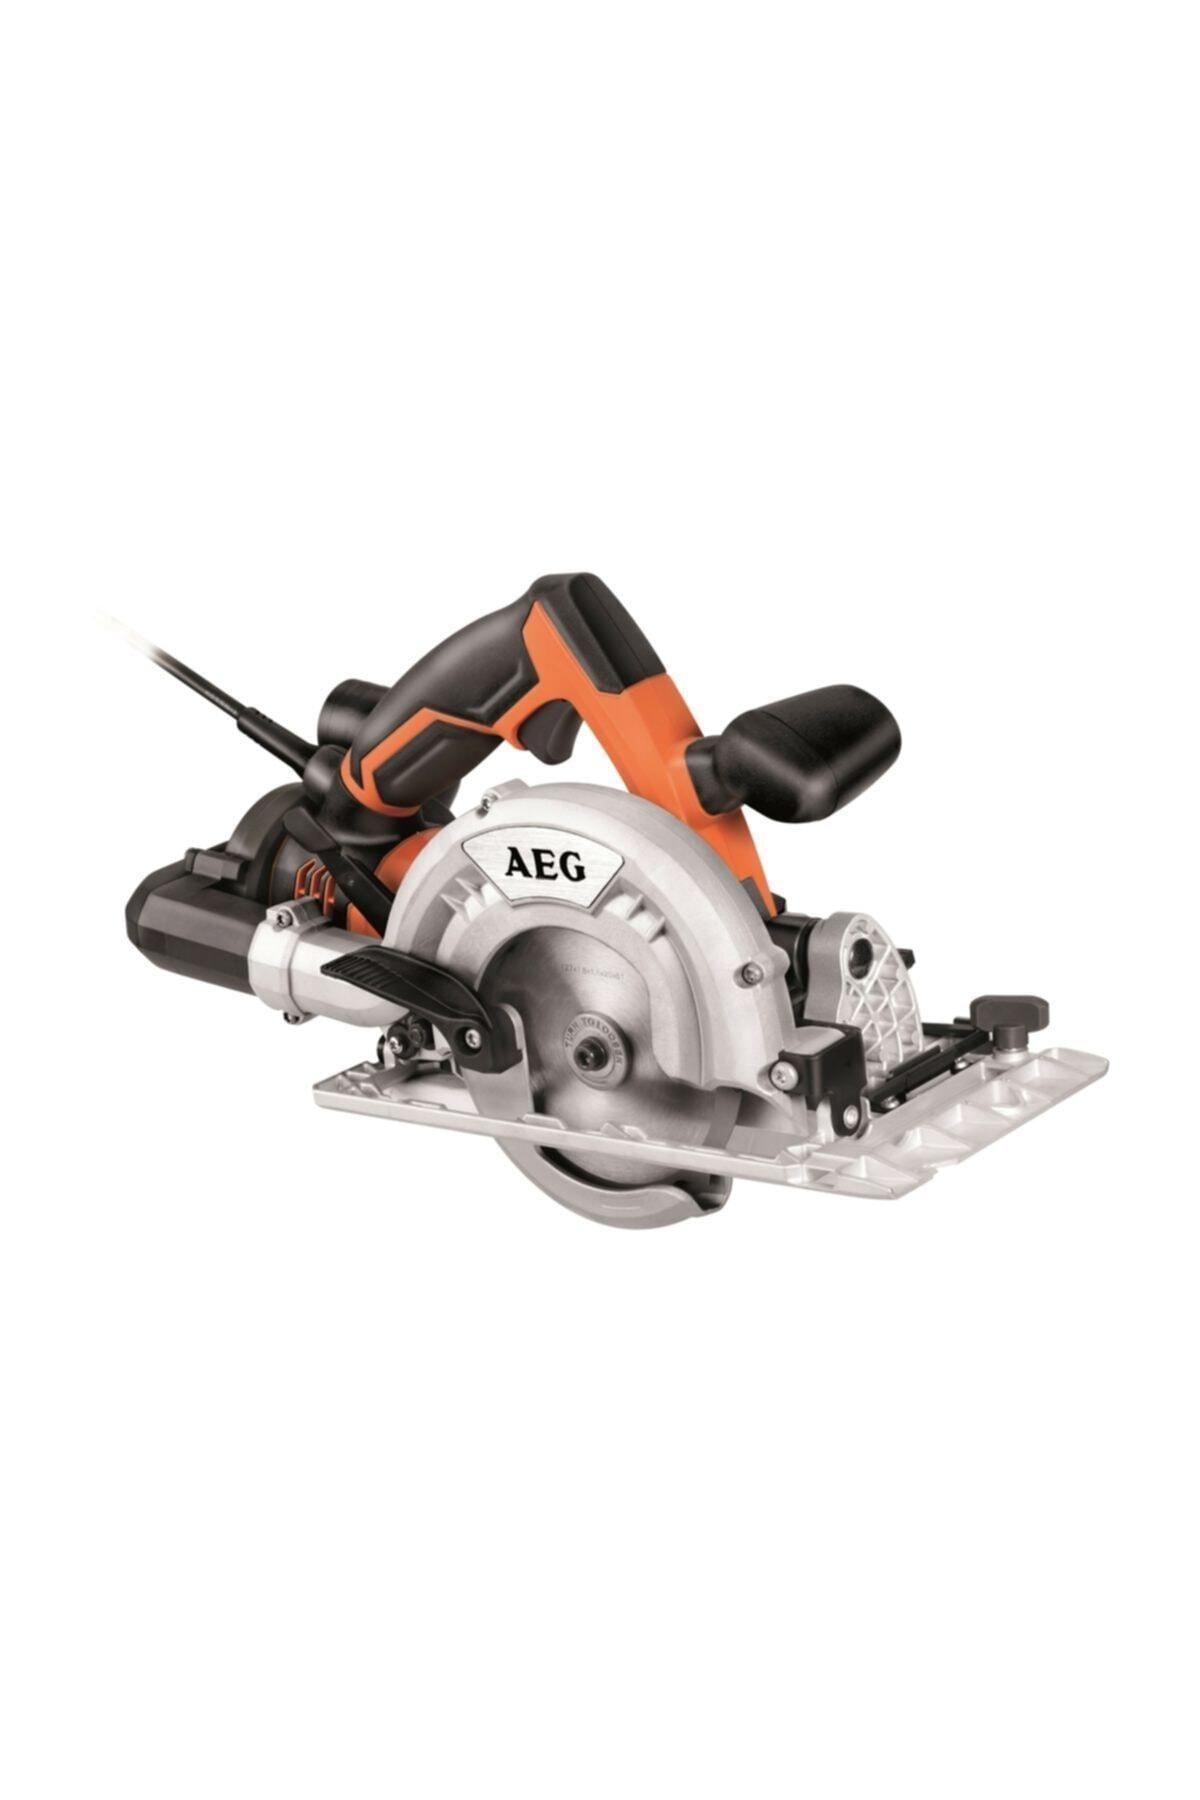 AEG Mbs 30 Turbo Çok Amaçlı Testere 1010 Watt 1